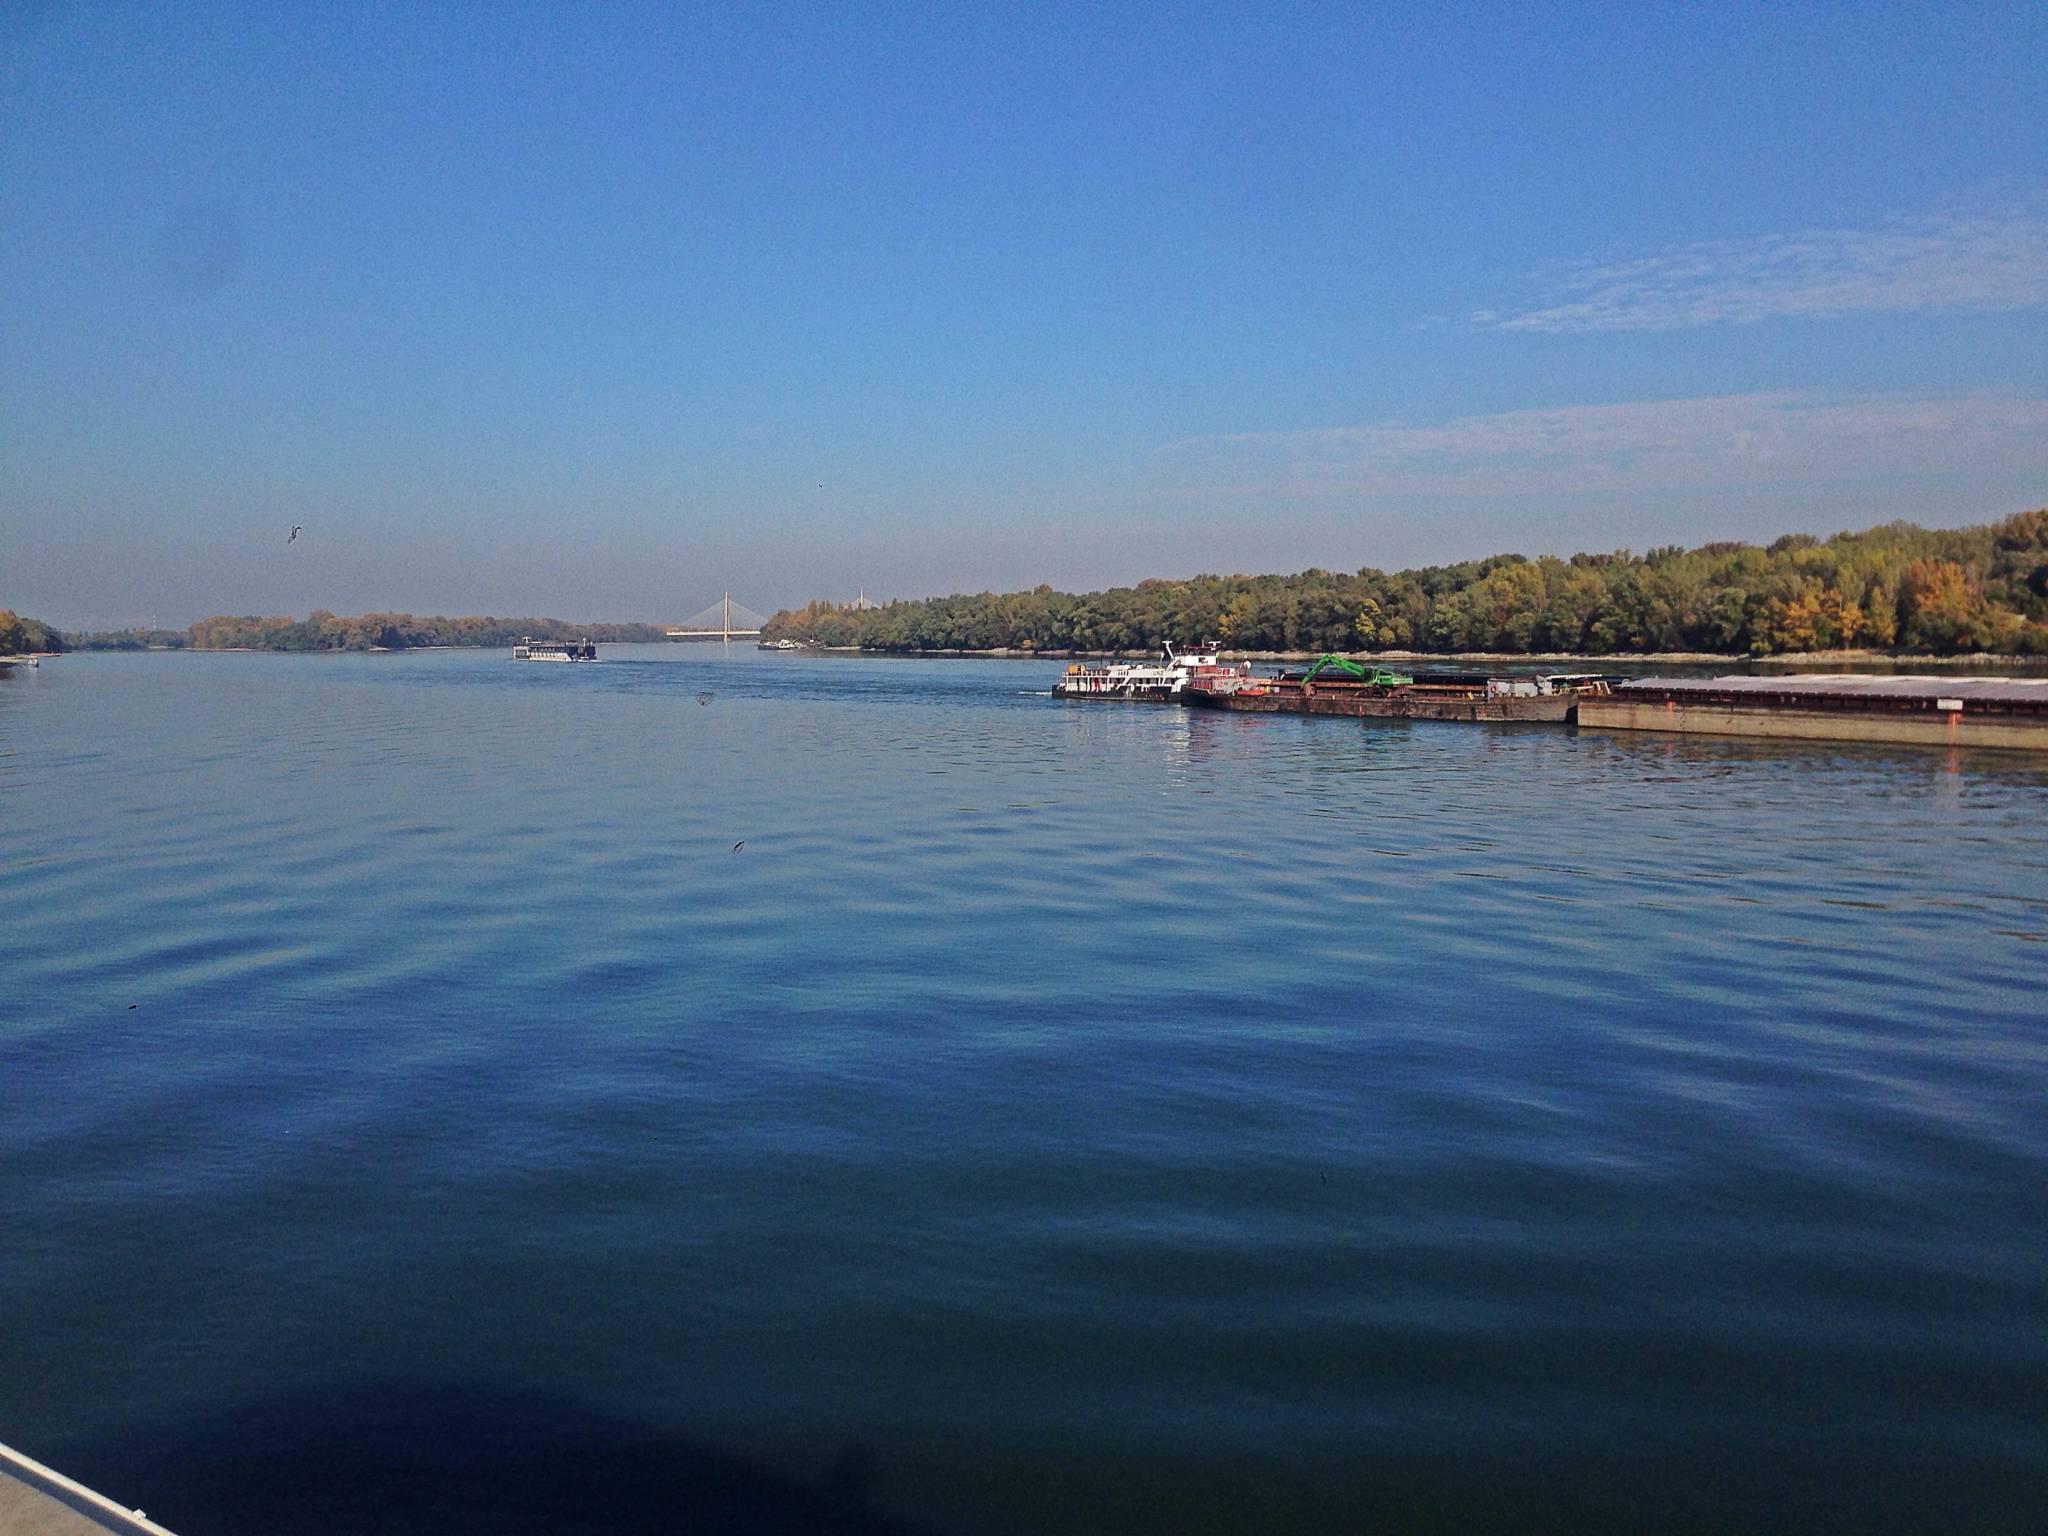 Aquamarina Boathotel & Rendezvényhajó Budapest - Fénykép a kilátásról